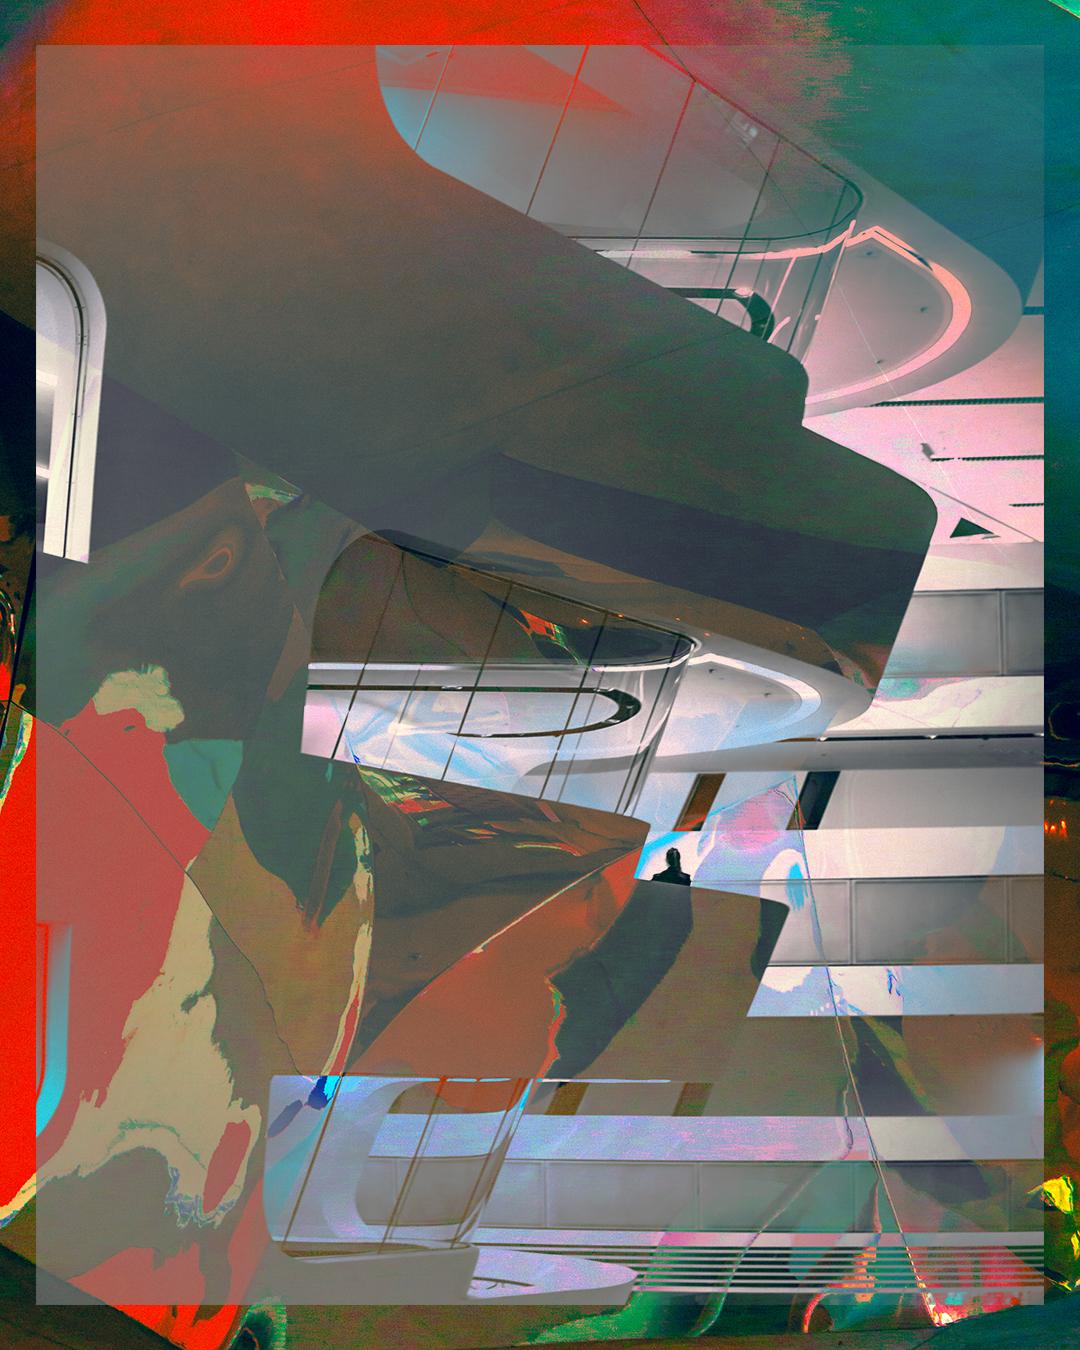 DSC03652-double-1350.jpg